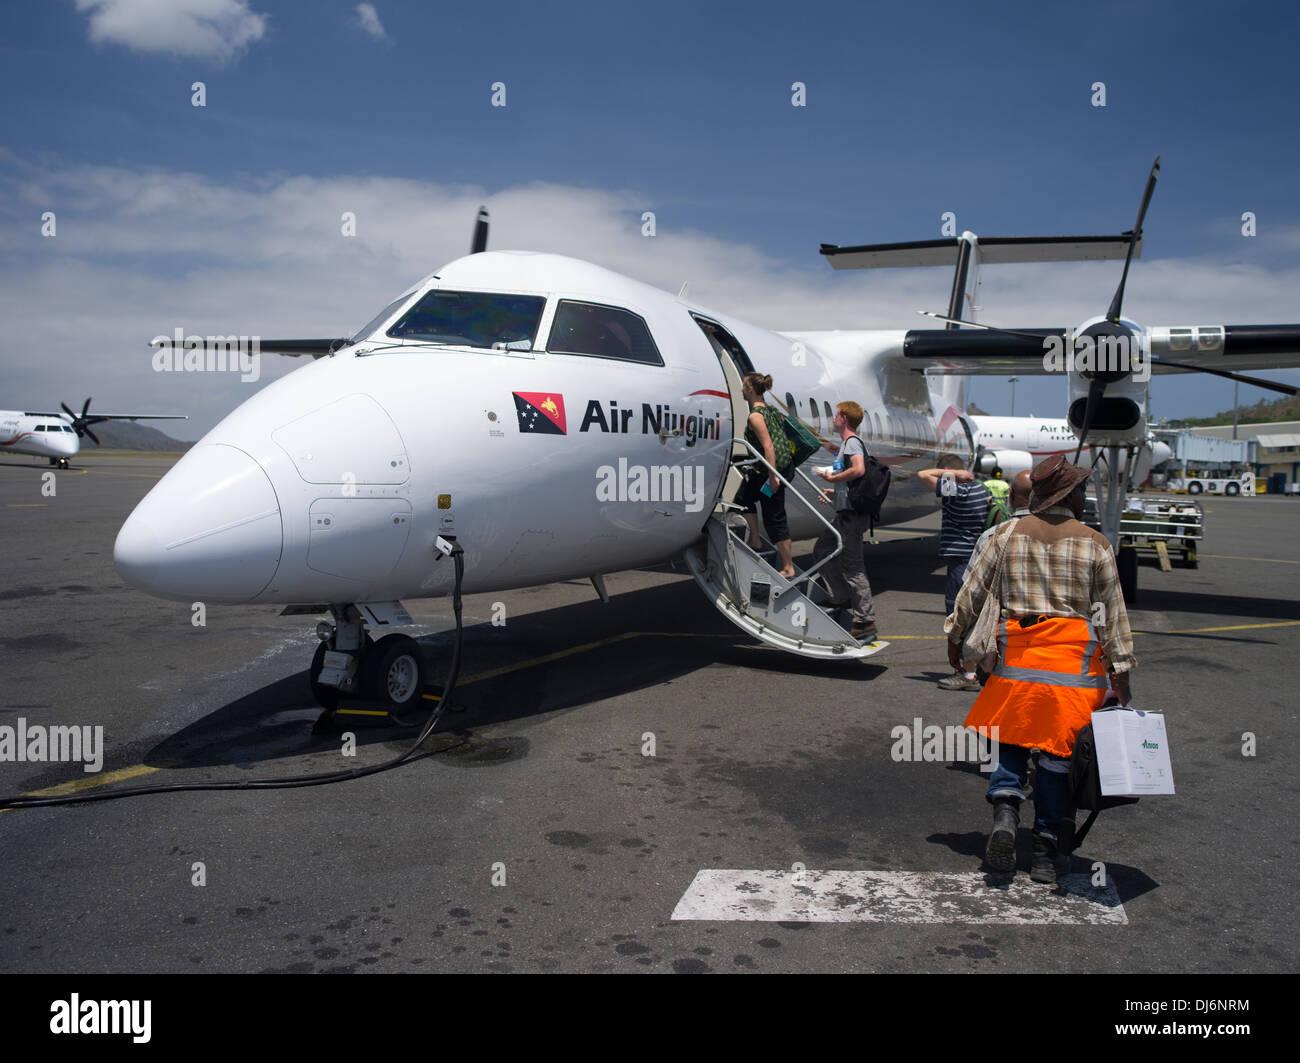 Air Nuigini Airlines Papua New Guinea - Stock Image